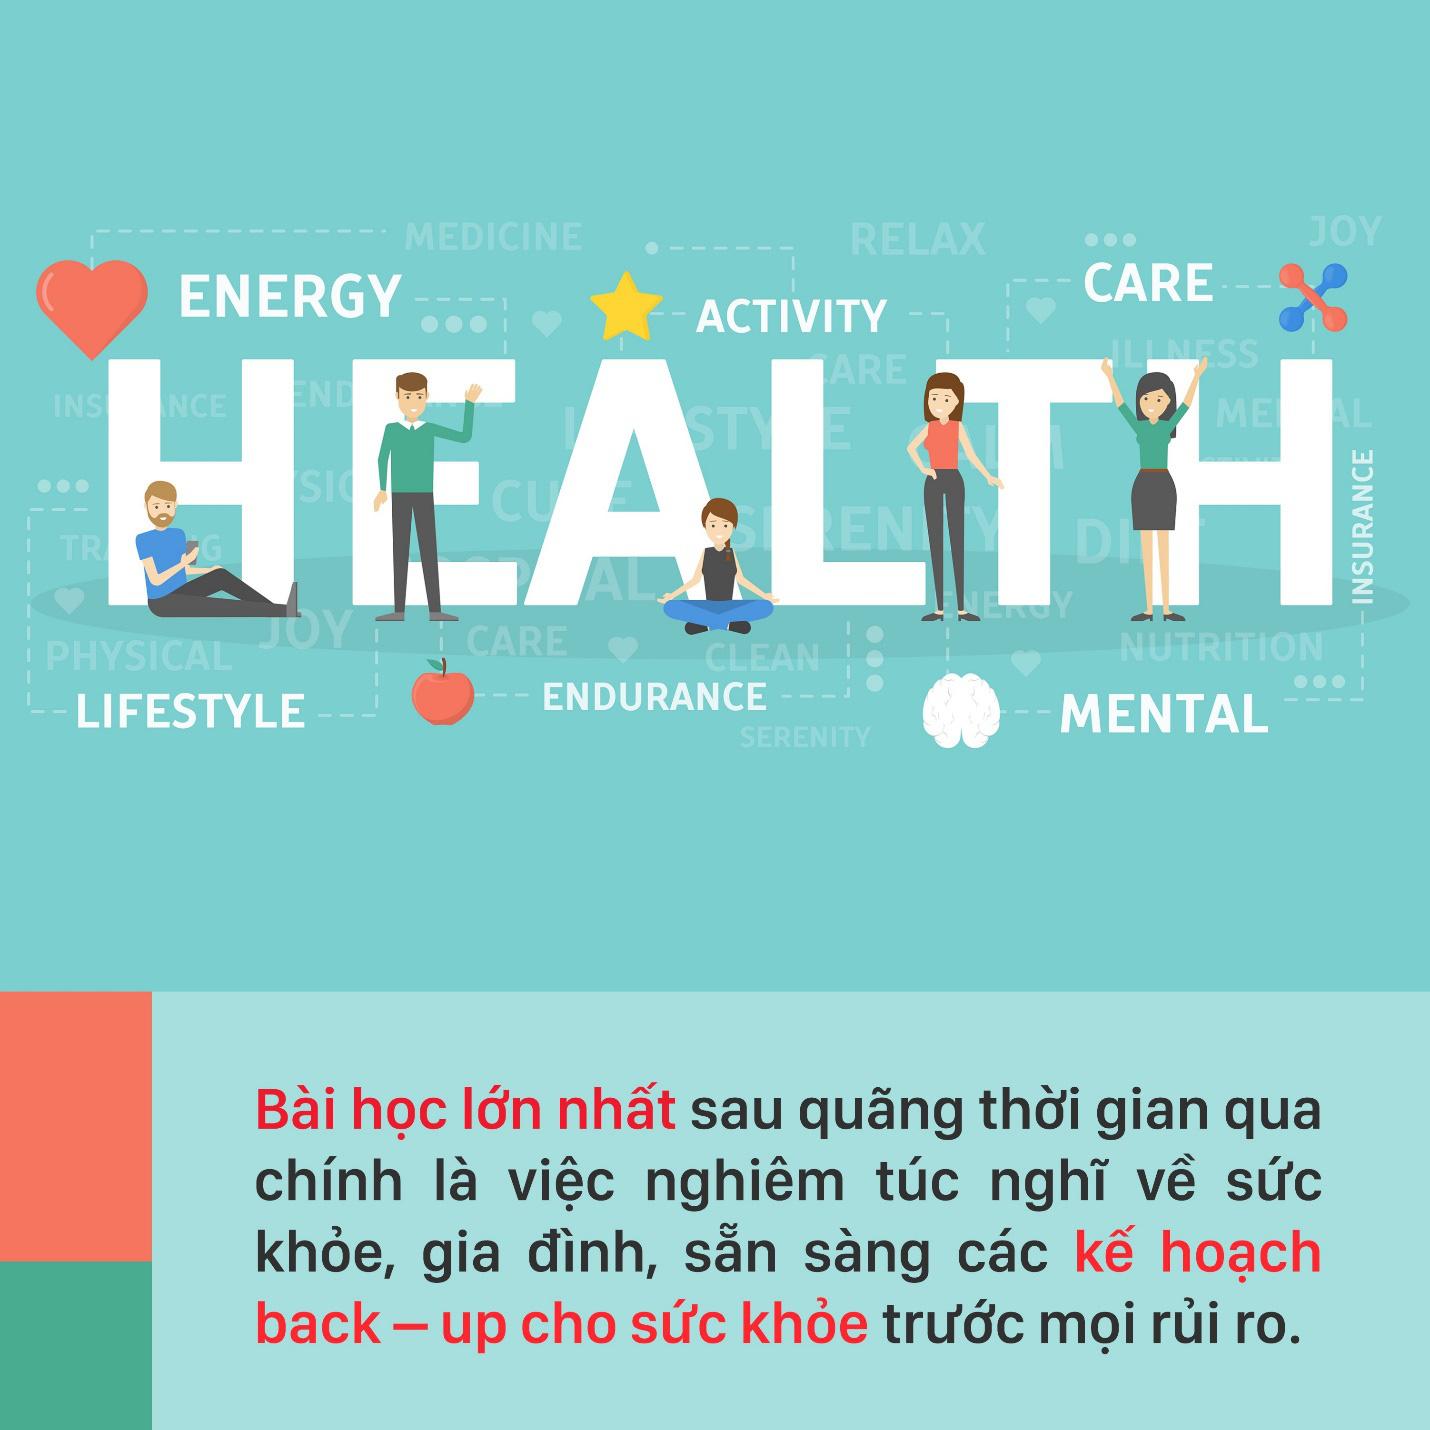 """Dù cuộc sống biến động ra sao, có sức khỏe bạn sẽ nắm giữ tất cả, vậy nên đừng """"bỏ rơi"""" chính bản thân mình - Ảnh 1."""